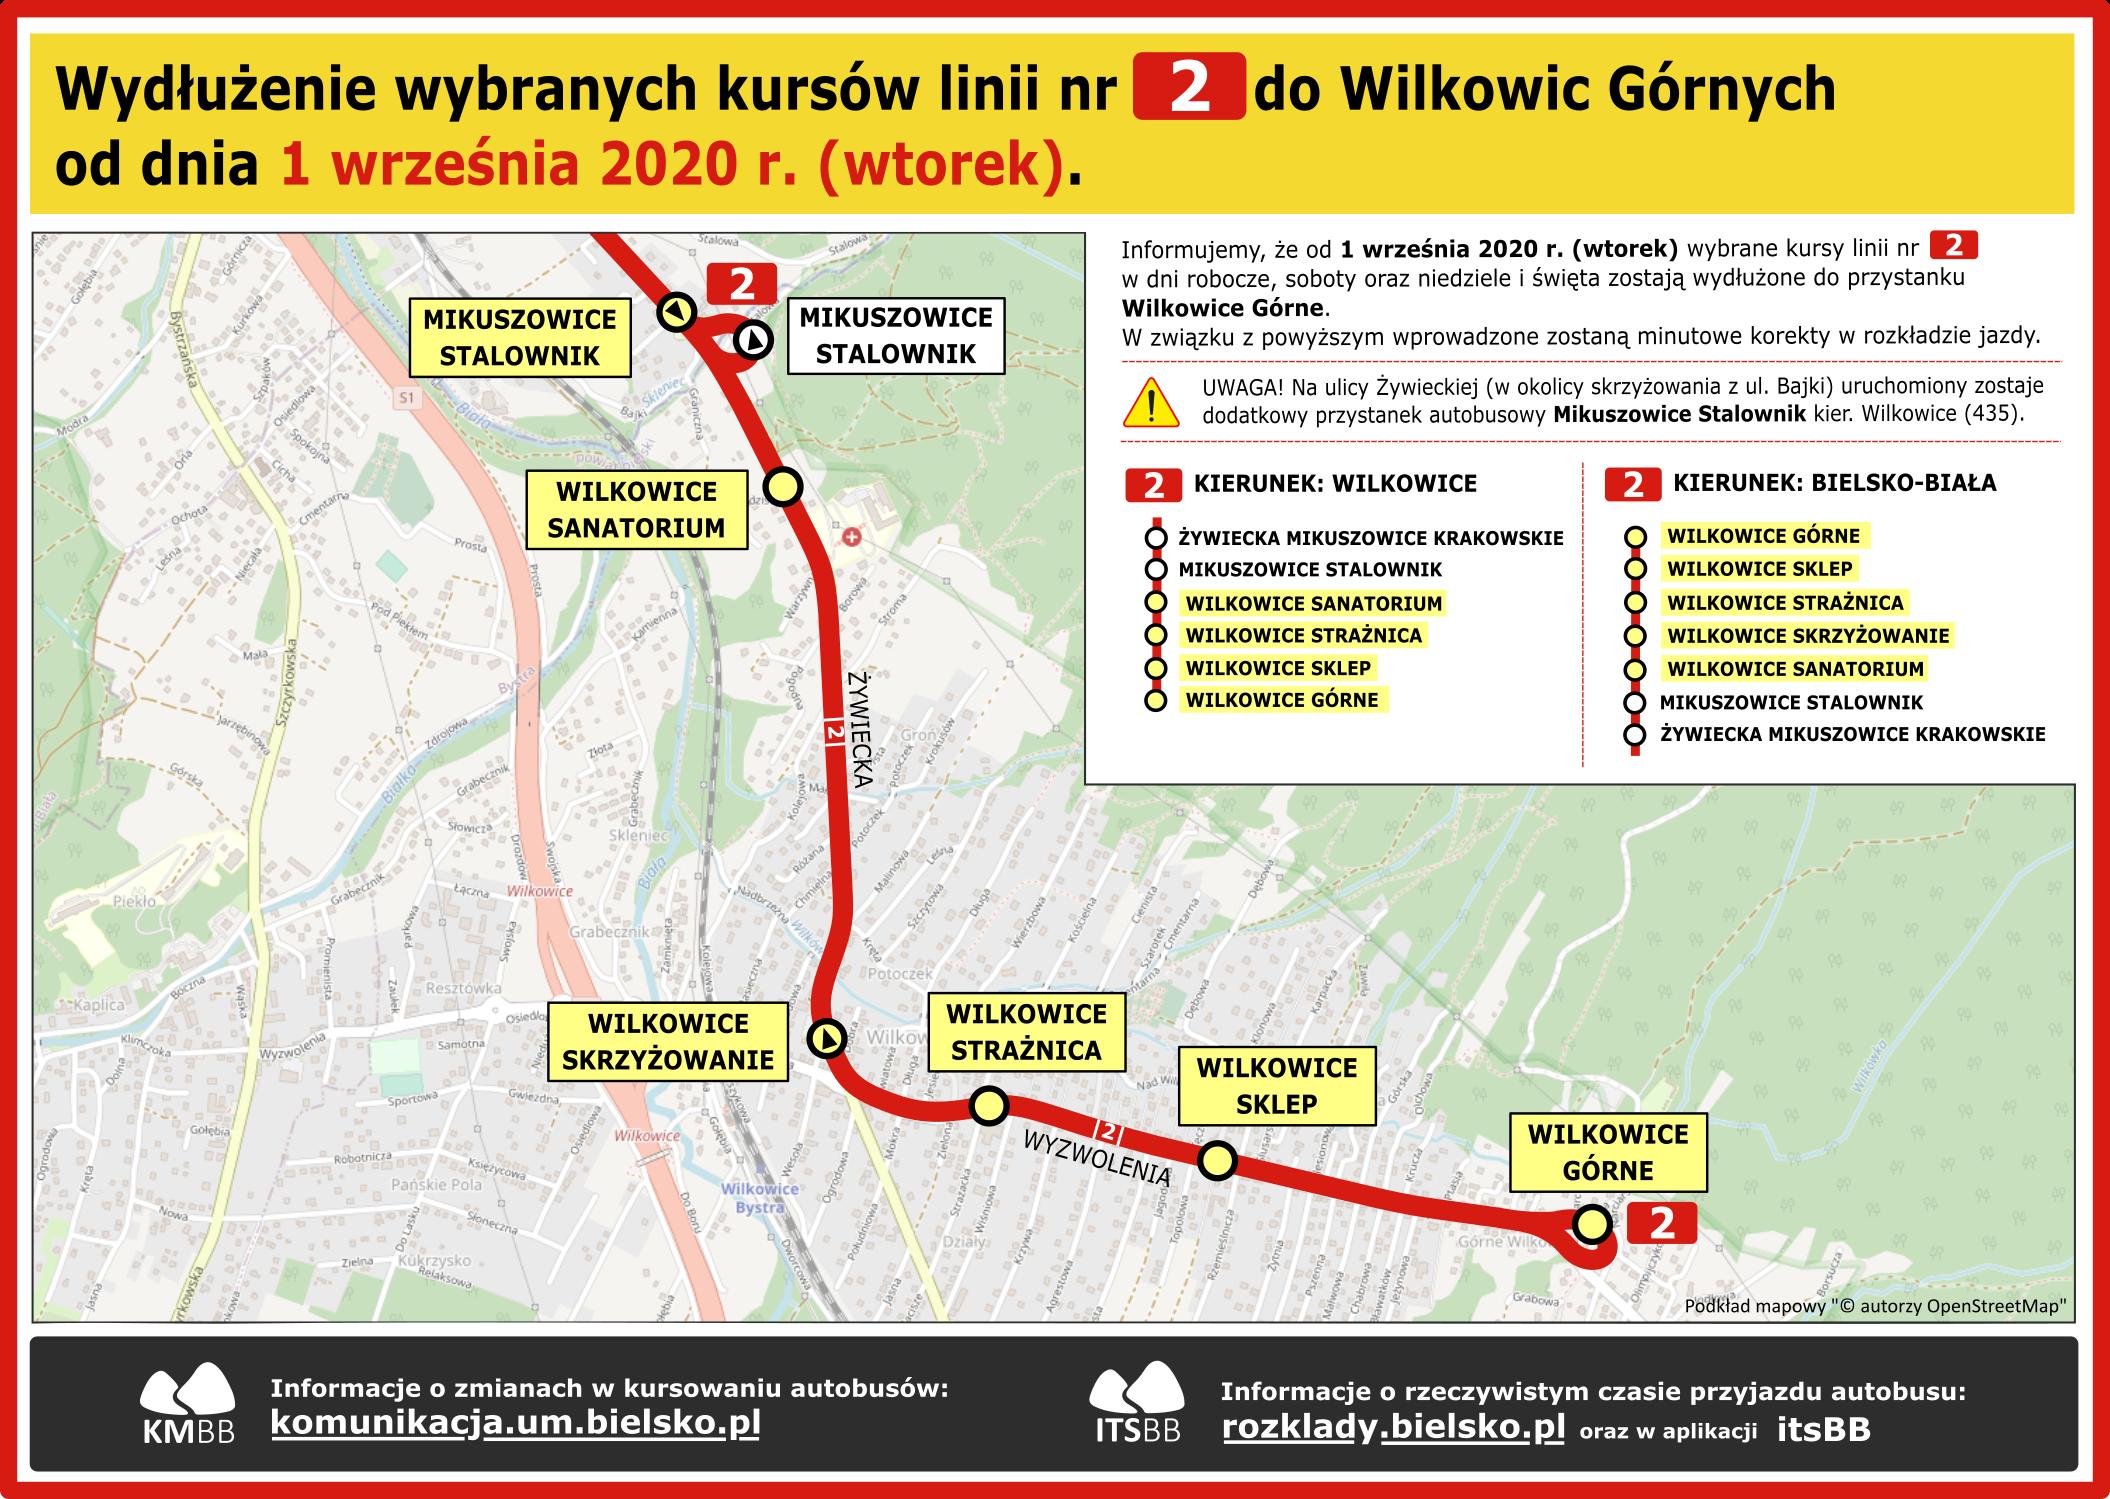 Schemat wydłużonych kursów do Wilkowic.